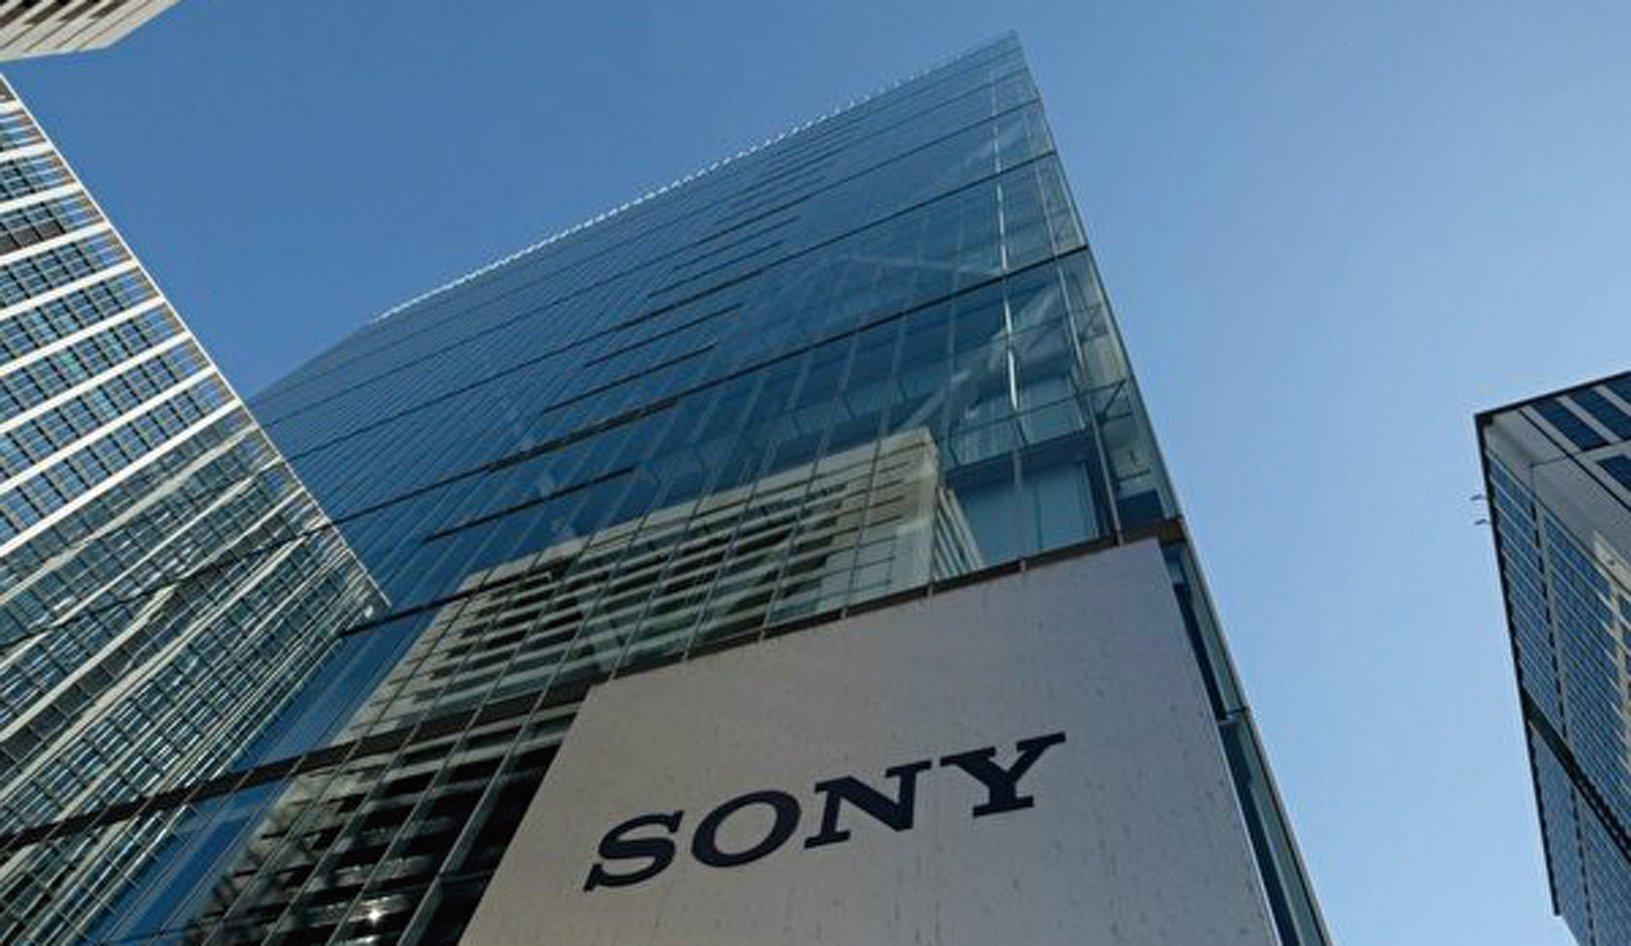 索尼生產的PlayStation 4遊戲機、相機和其它產品可能會受到關稅的影響。圖為索尼在日本東京的總部大樓。 (KAZUHIRO NOGI/Getty Images)